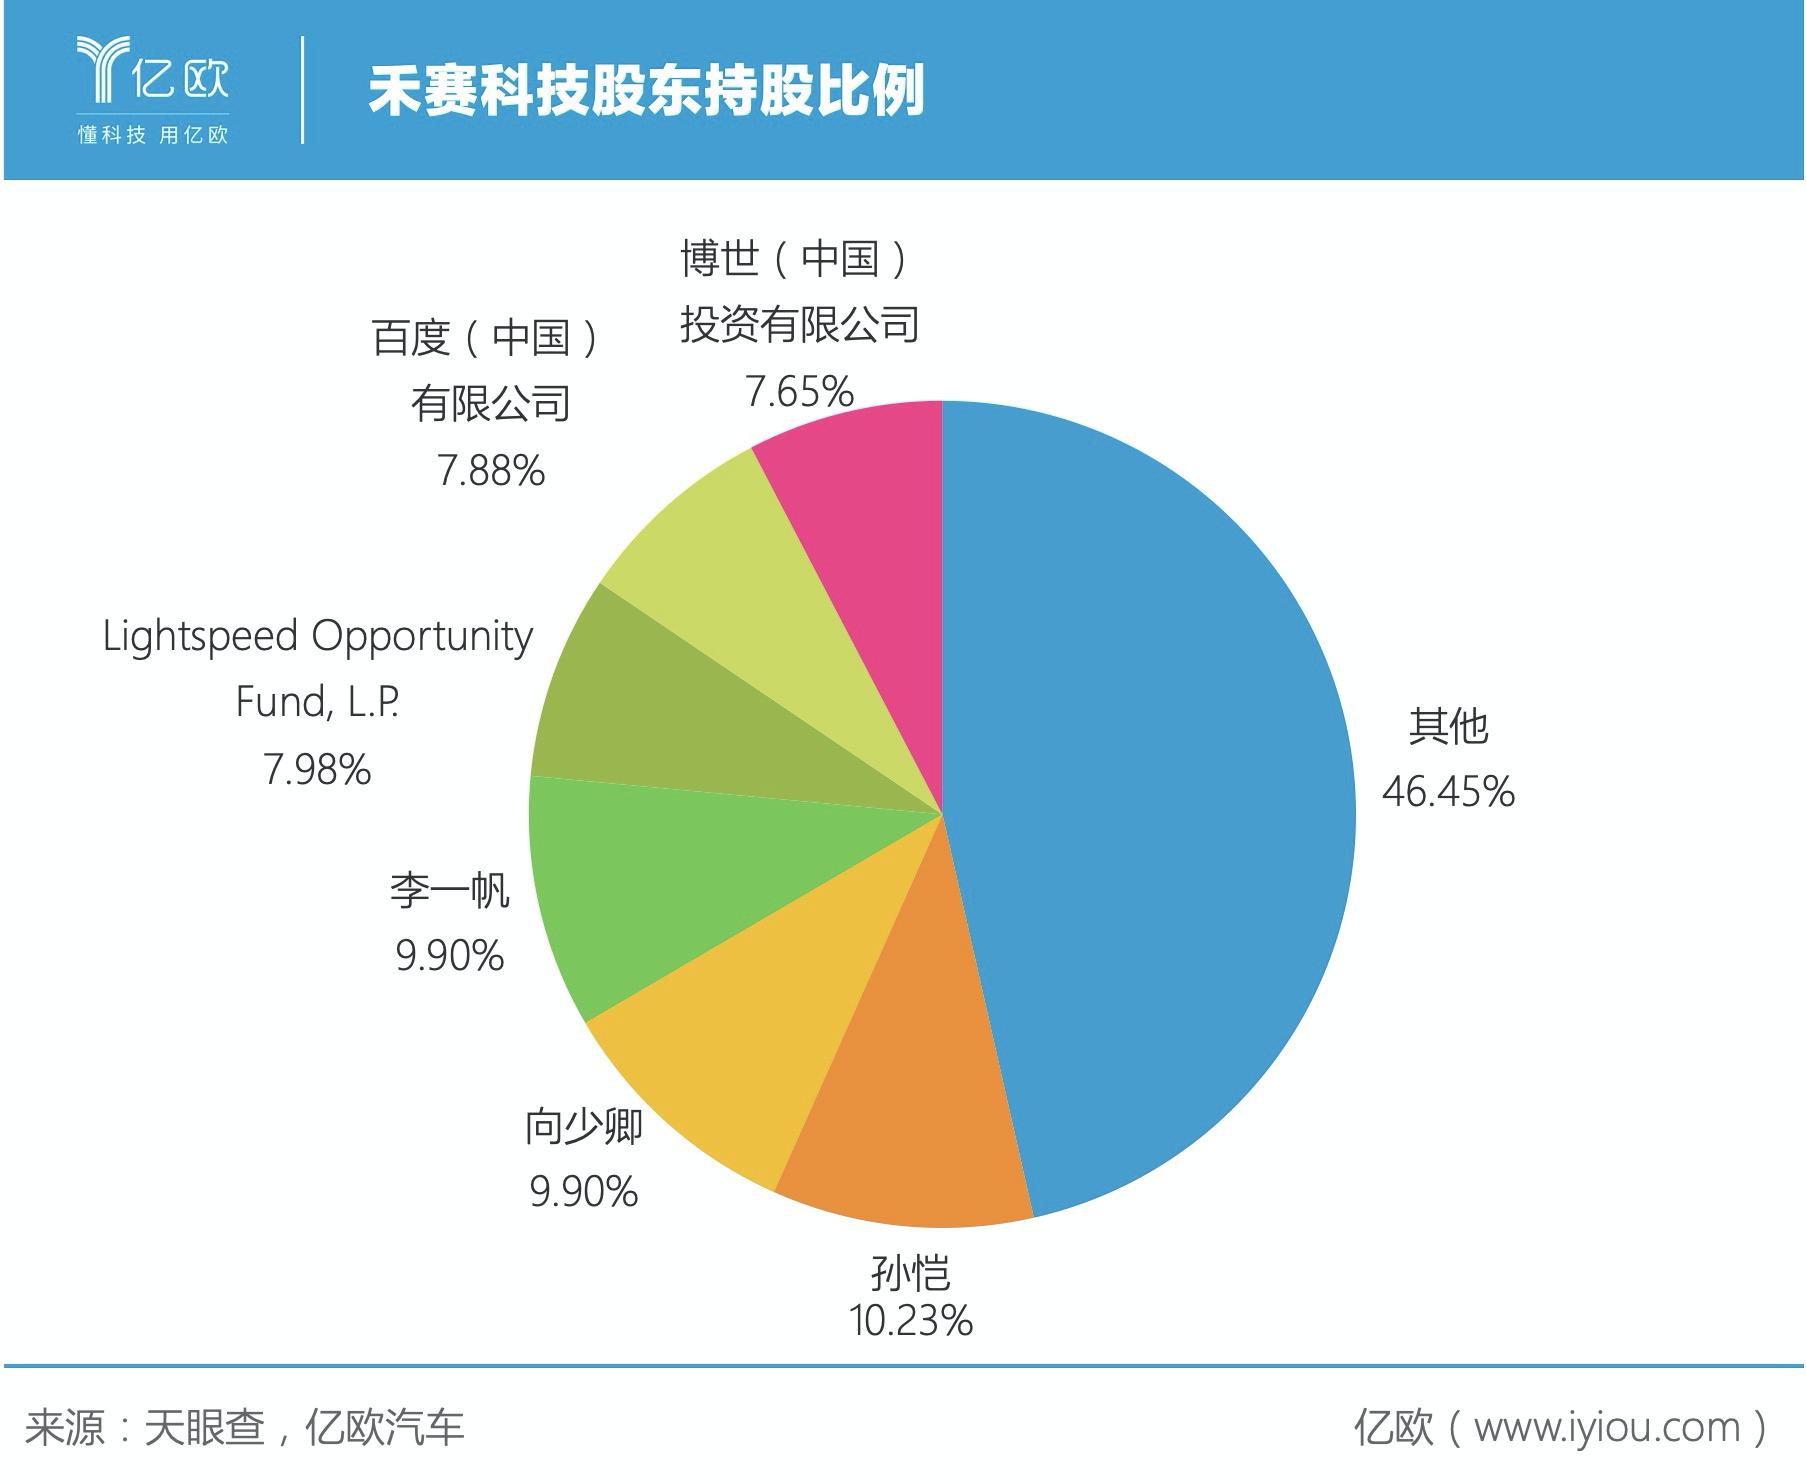 禾赛科技股东持股比例